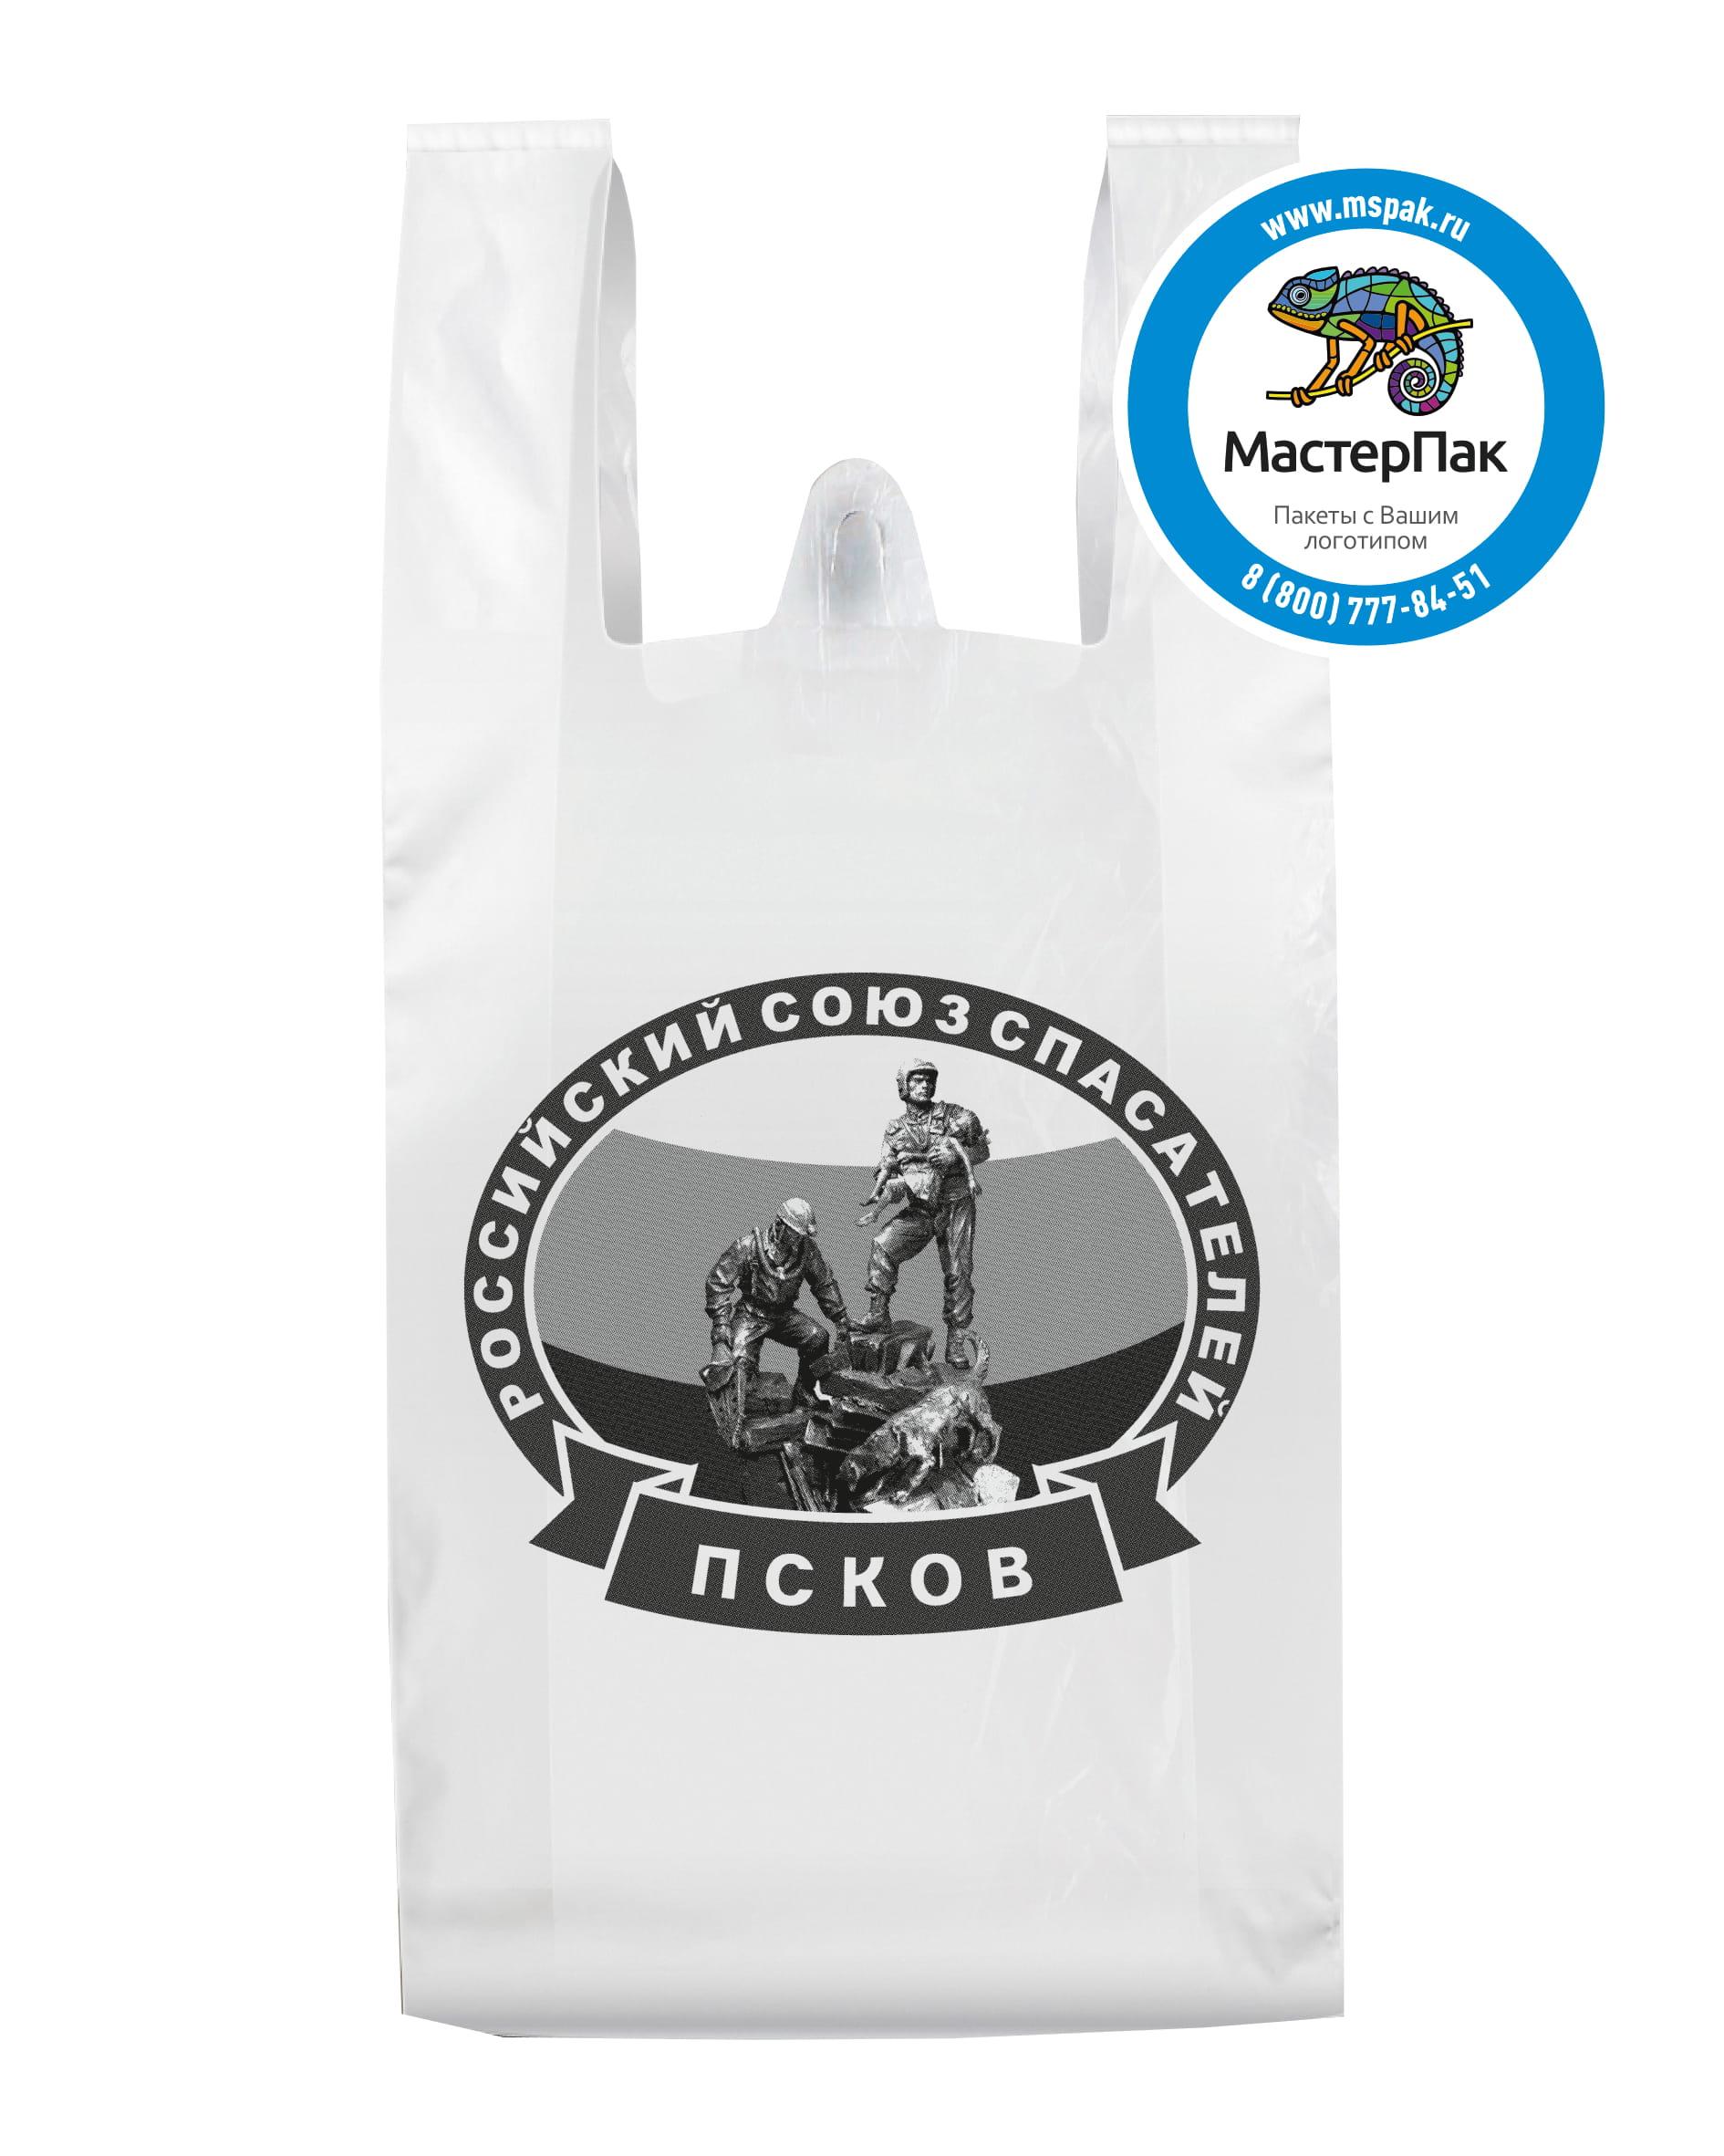 Пакет-майка ПНД с логотипом Российский союз спасателей, Псков, 40*60, 28 мкм